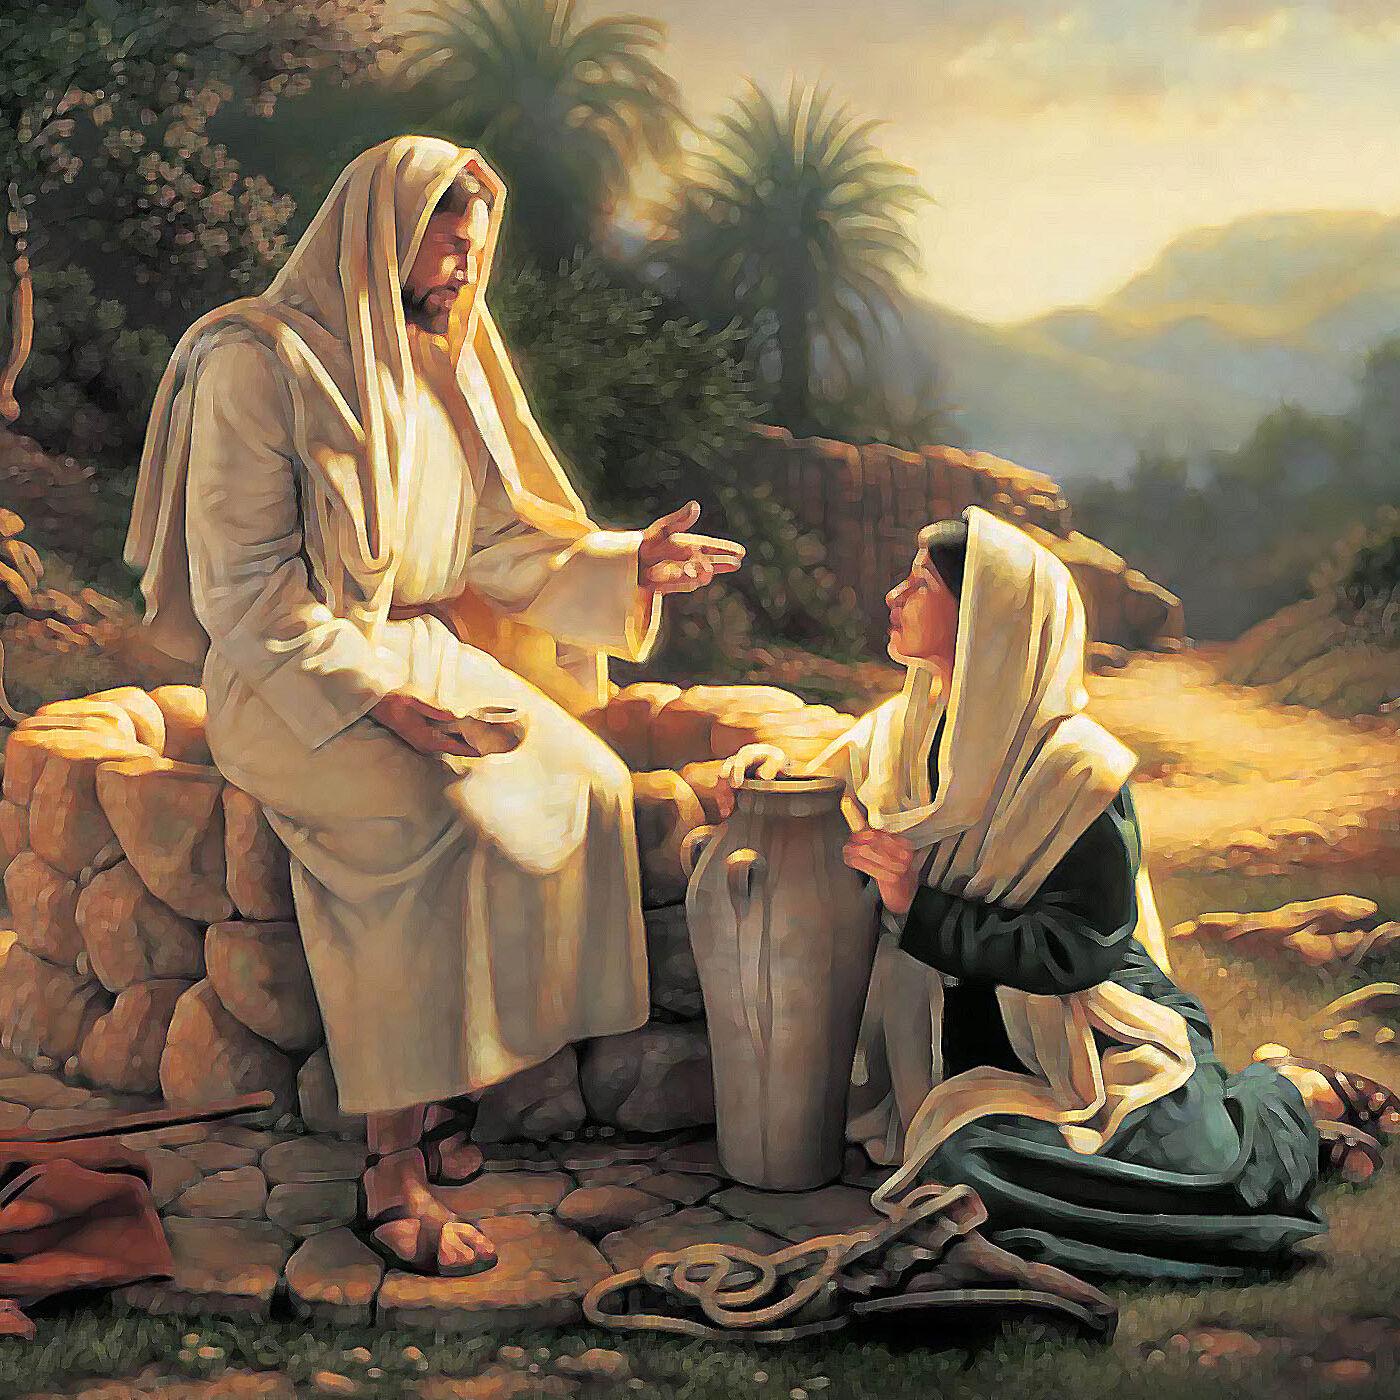 riflessioni sul Vangelo di Venerdì 28 Maggio 2021 (Mc 11, 11-26)